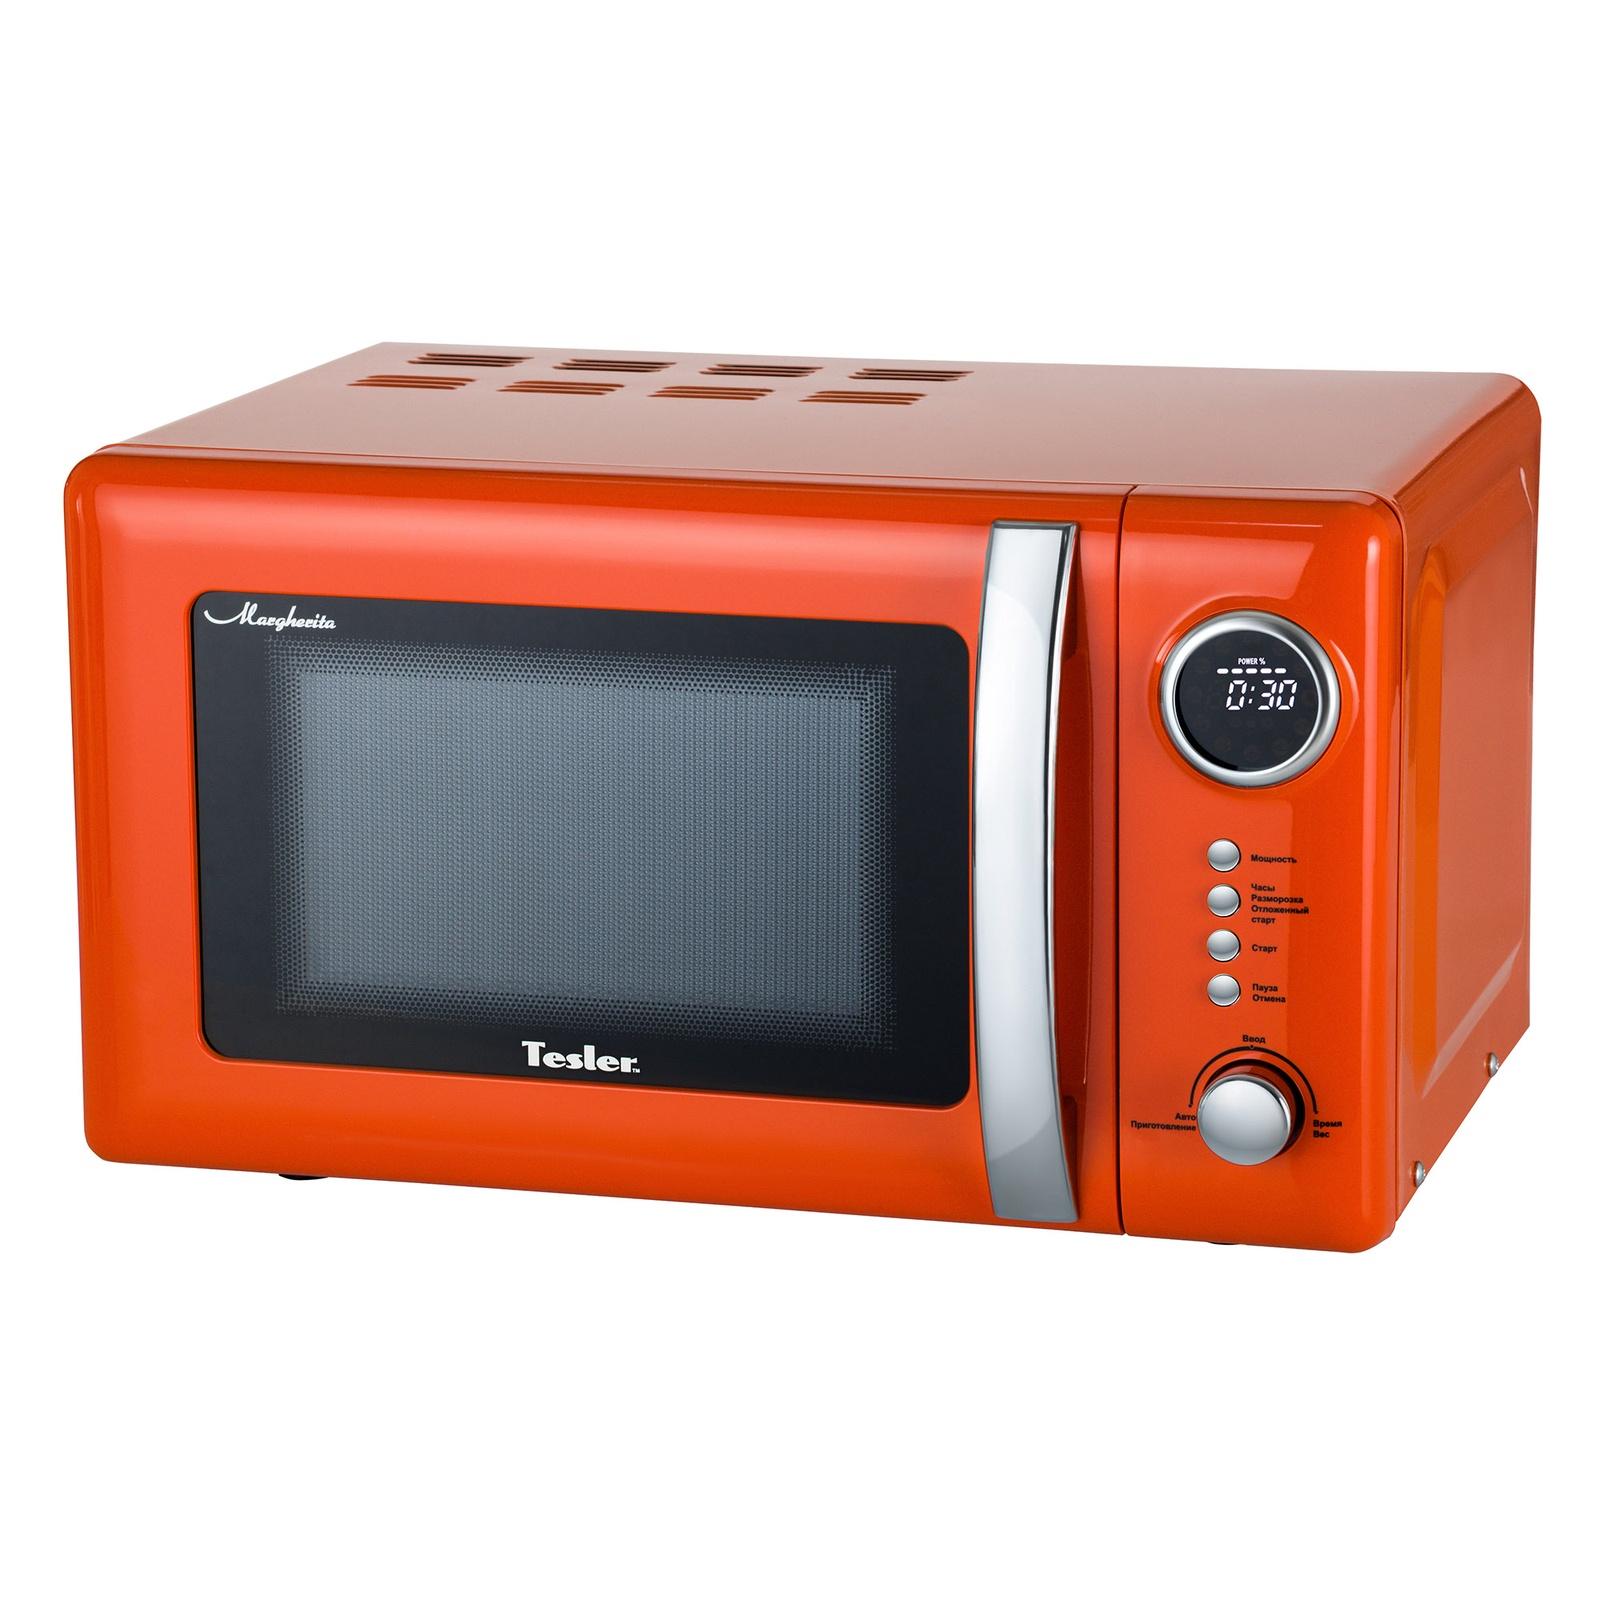 Микроволновая печь Tesler ME-2055 ORANGE цена и фото